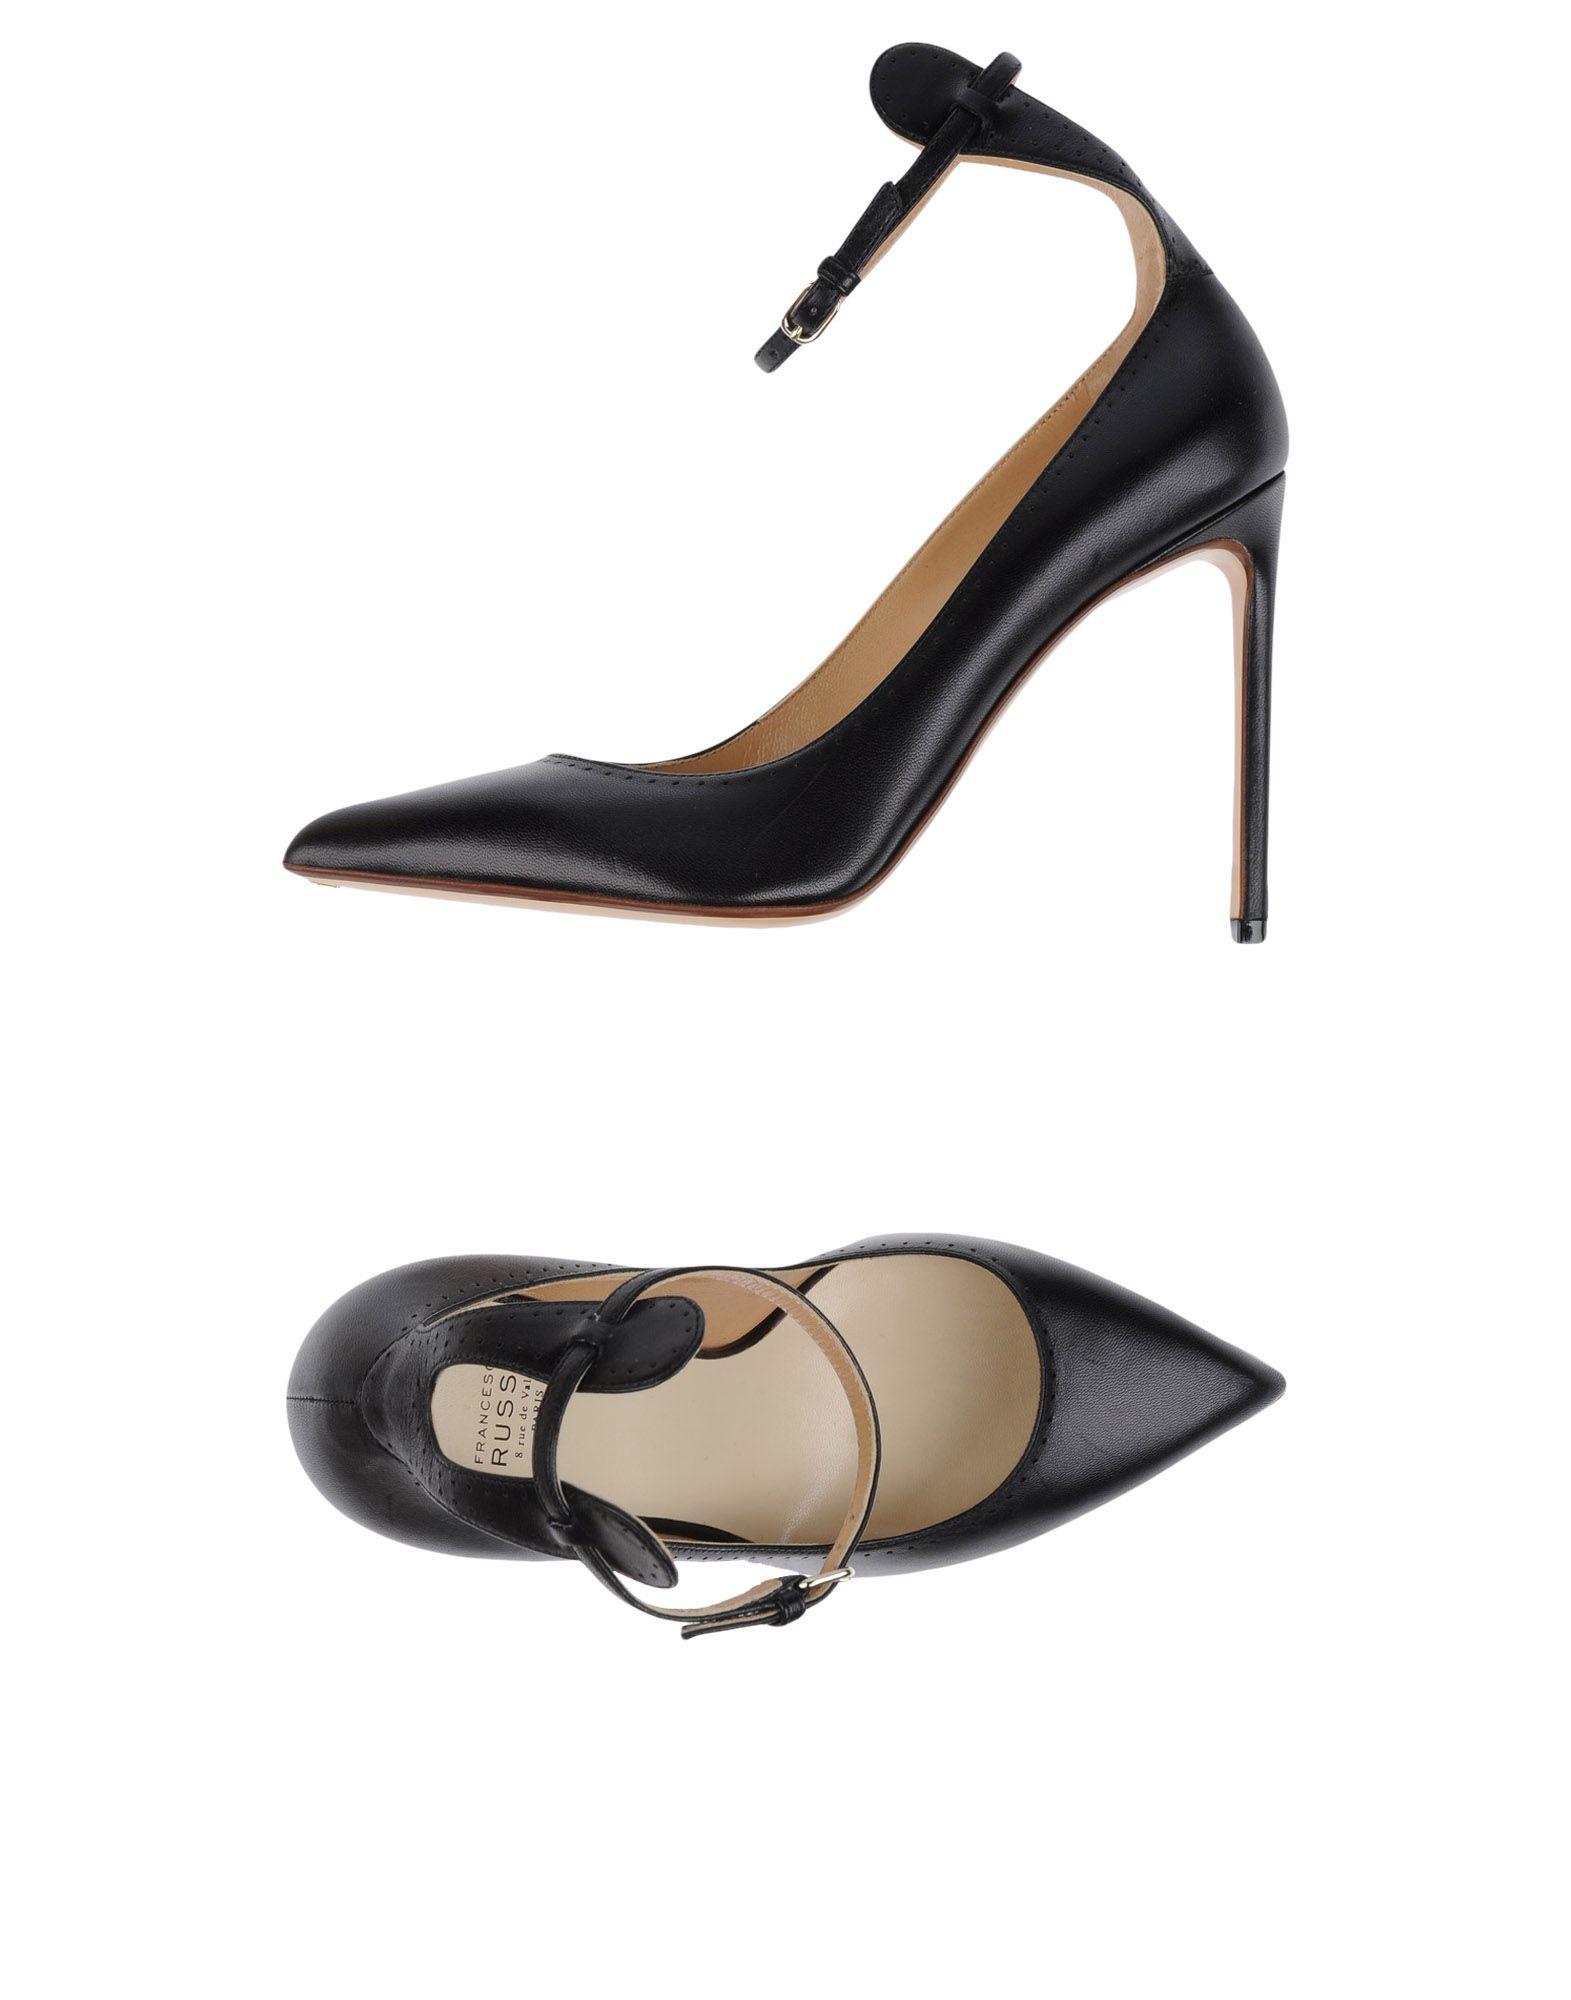 Κορυφαία προϊόντα για Παπούτσια - Σελίδα 7435  2f616f77856